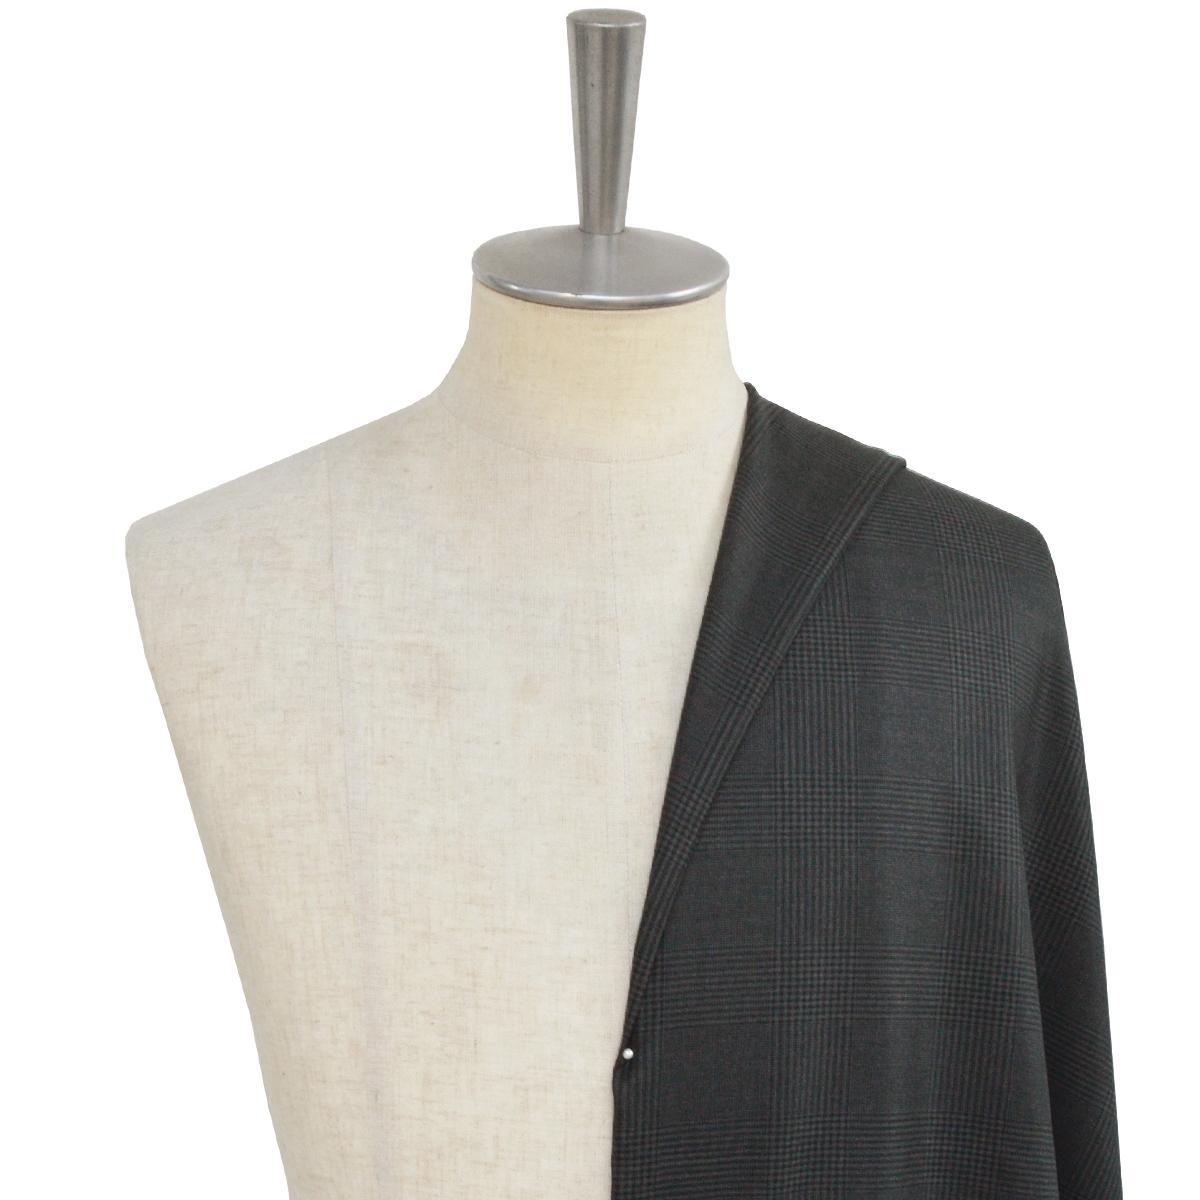 [オーダーレディーススーツ スカートセット]特徴のあるチェック柄でお洒落を!